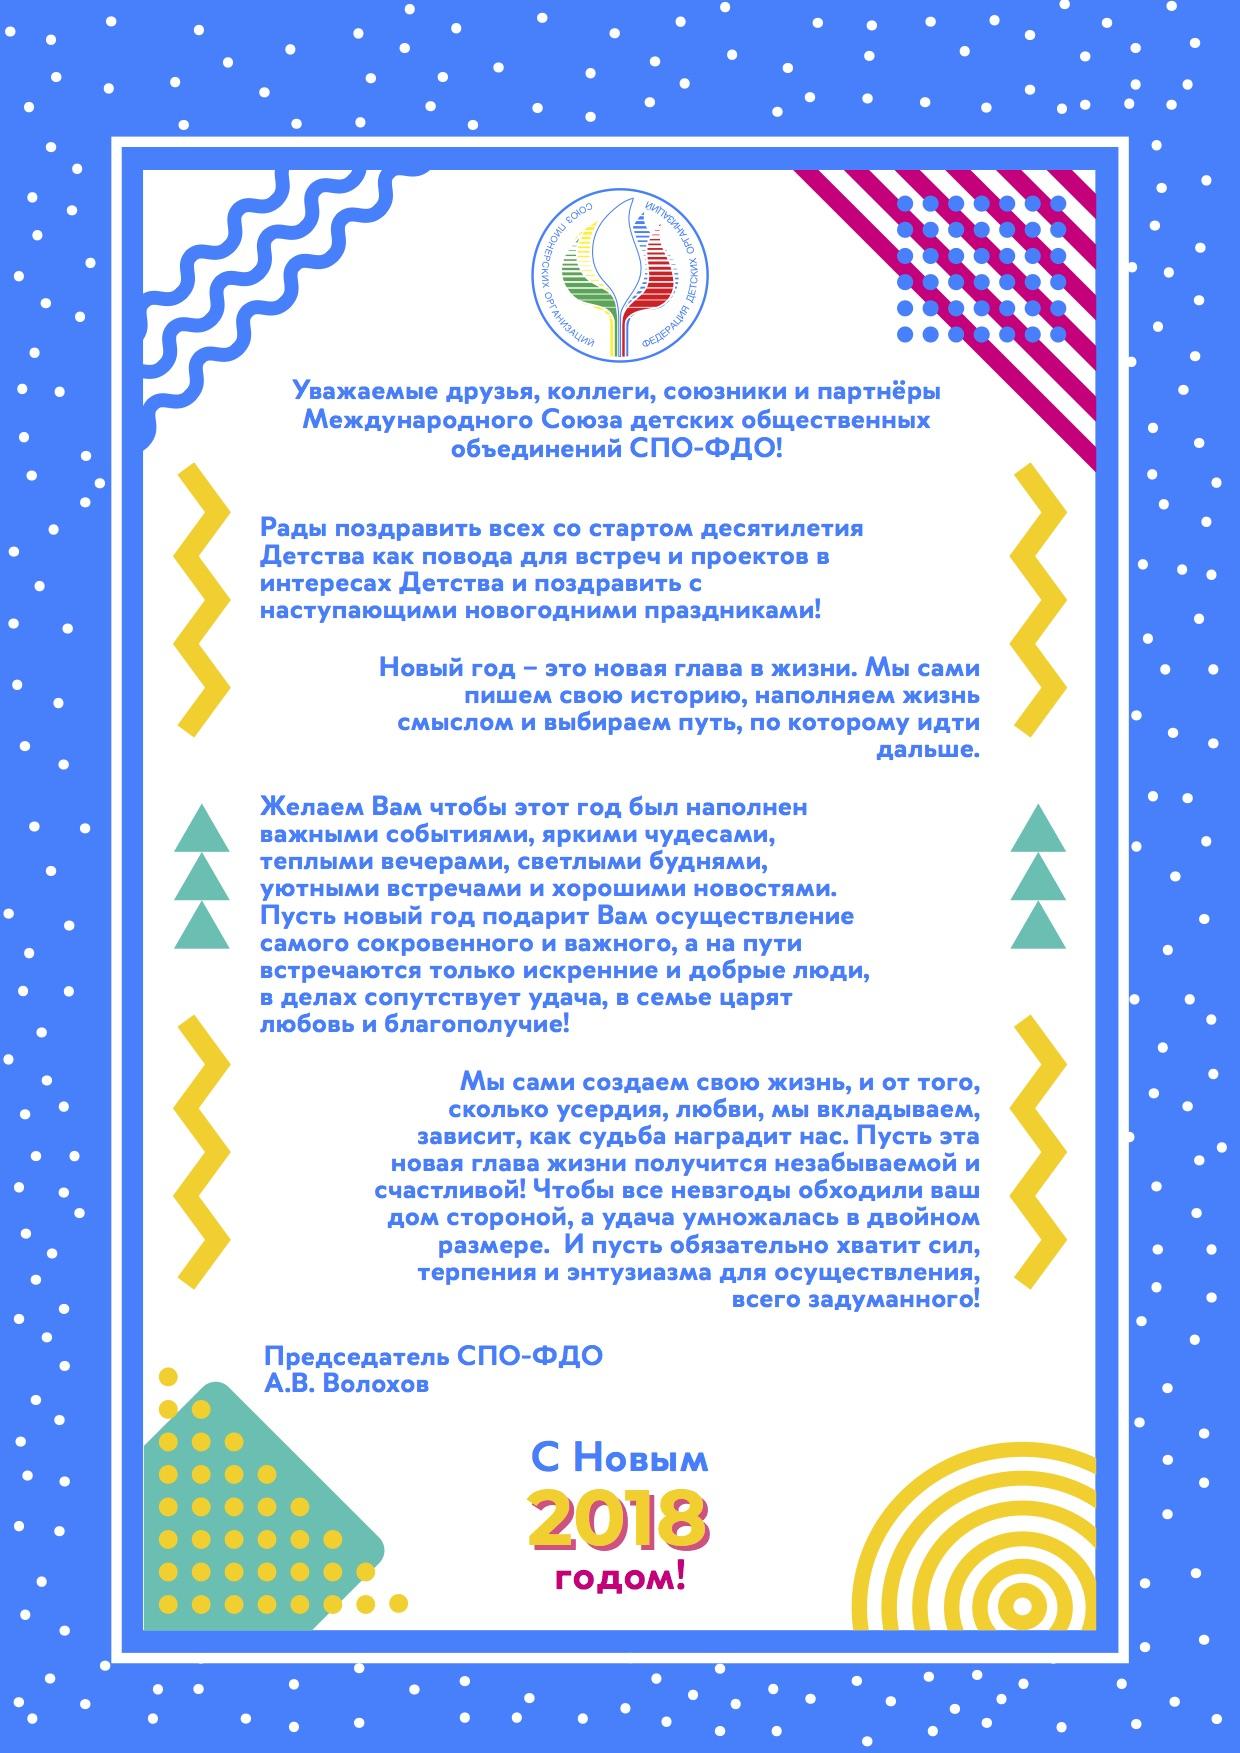 Поздравление председателя СПО-ФДО с Новым годом